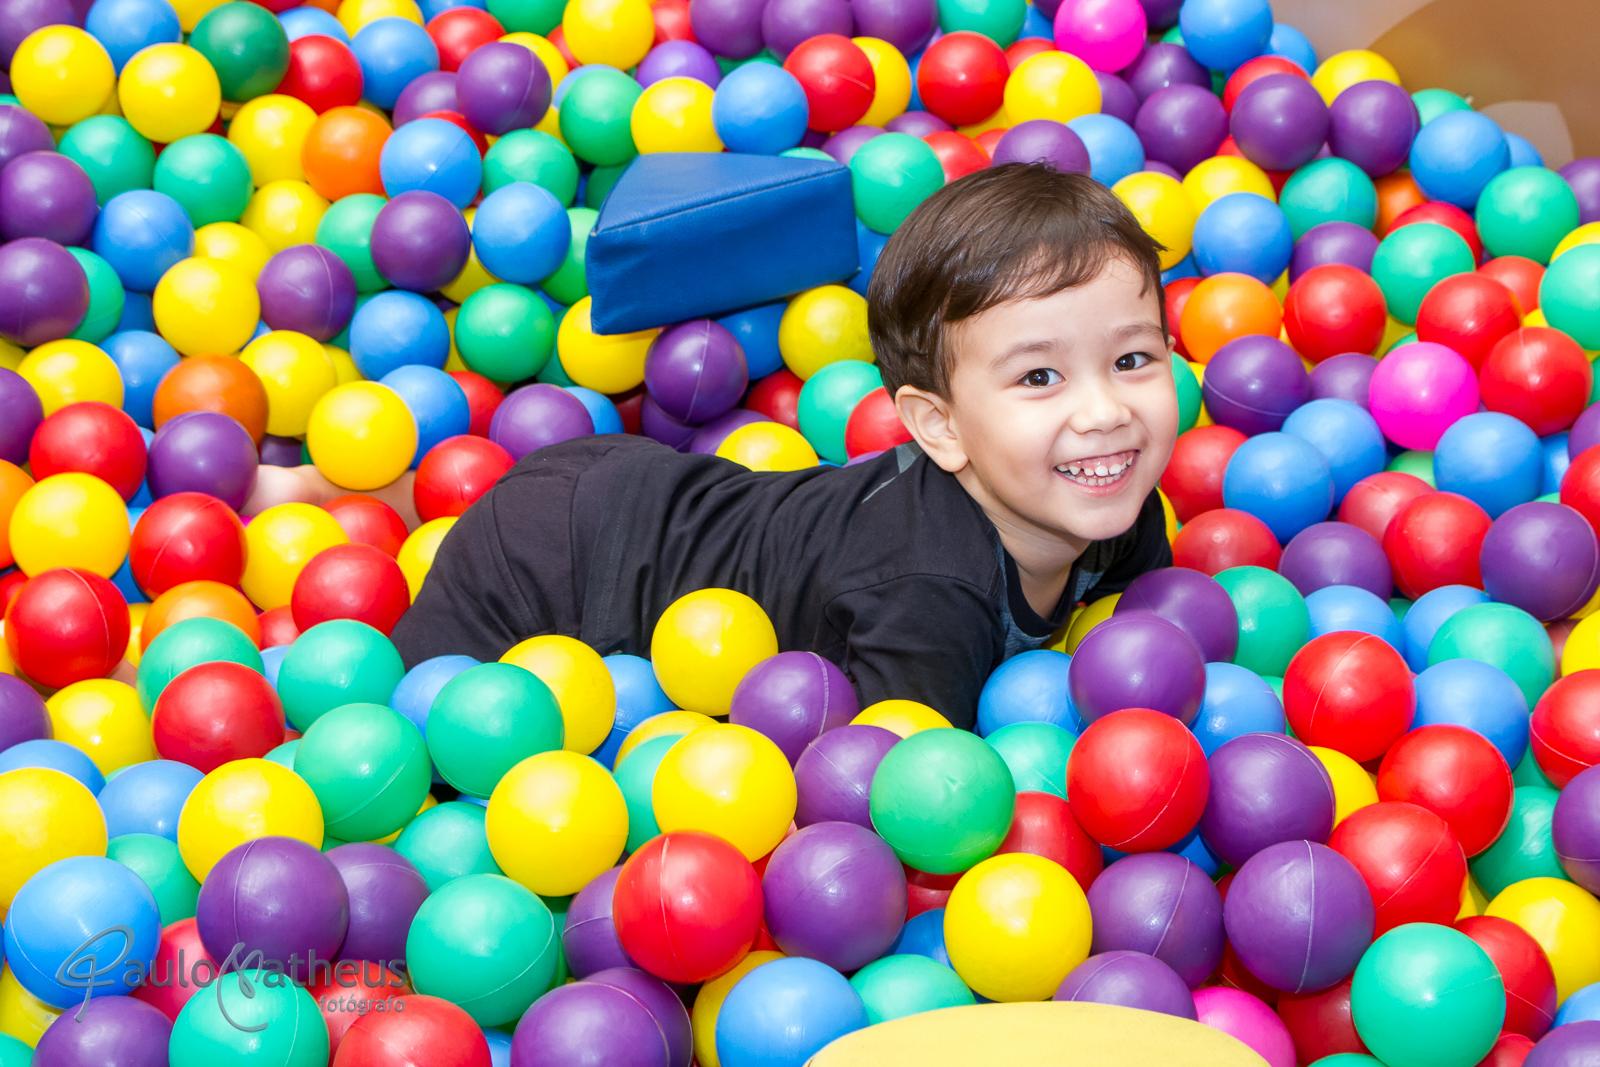 Festa infantil de 4 anos do Davi no Buffet Megauê Pelo fotógrafo profissional Paulo Matheus